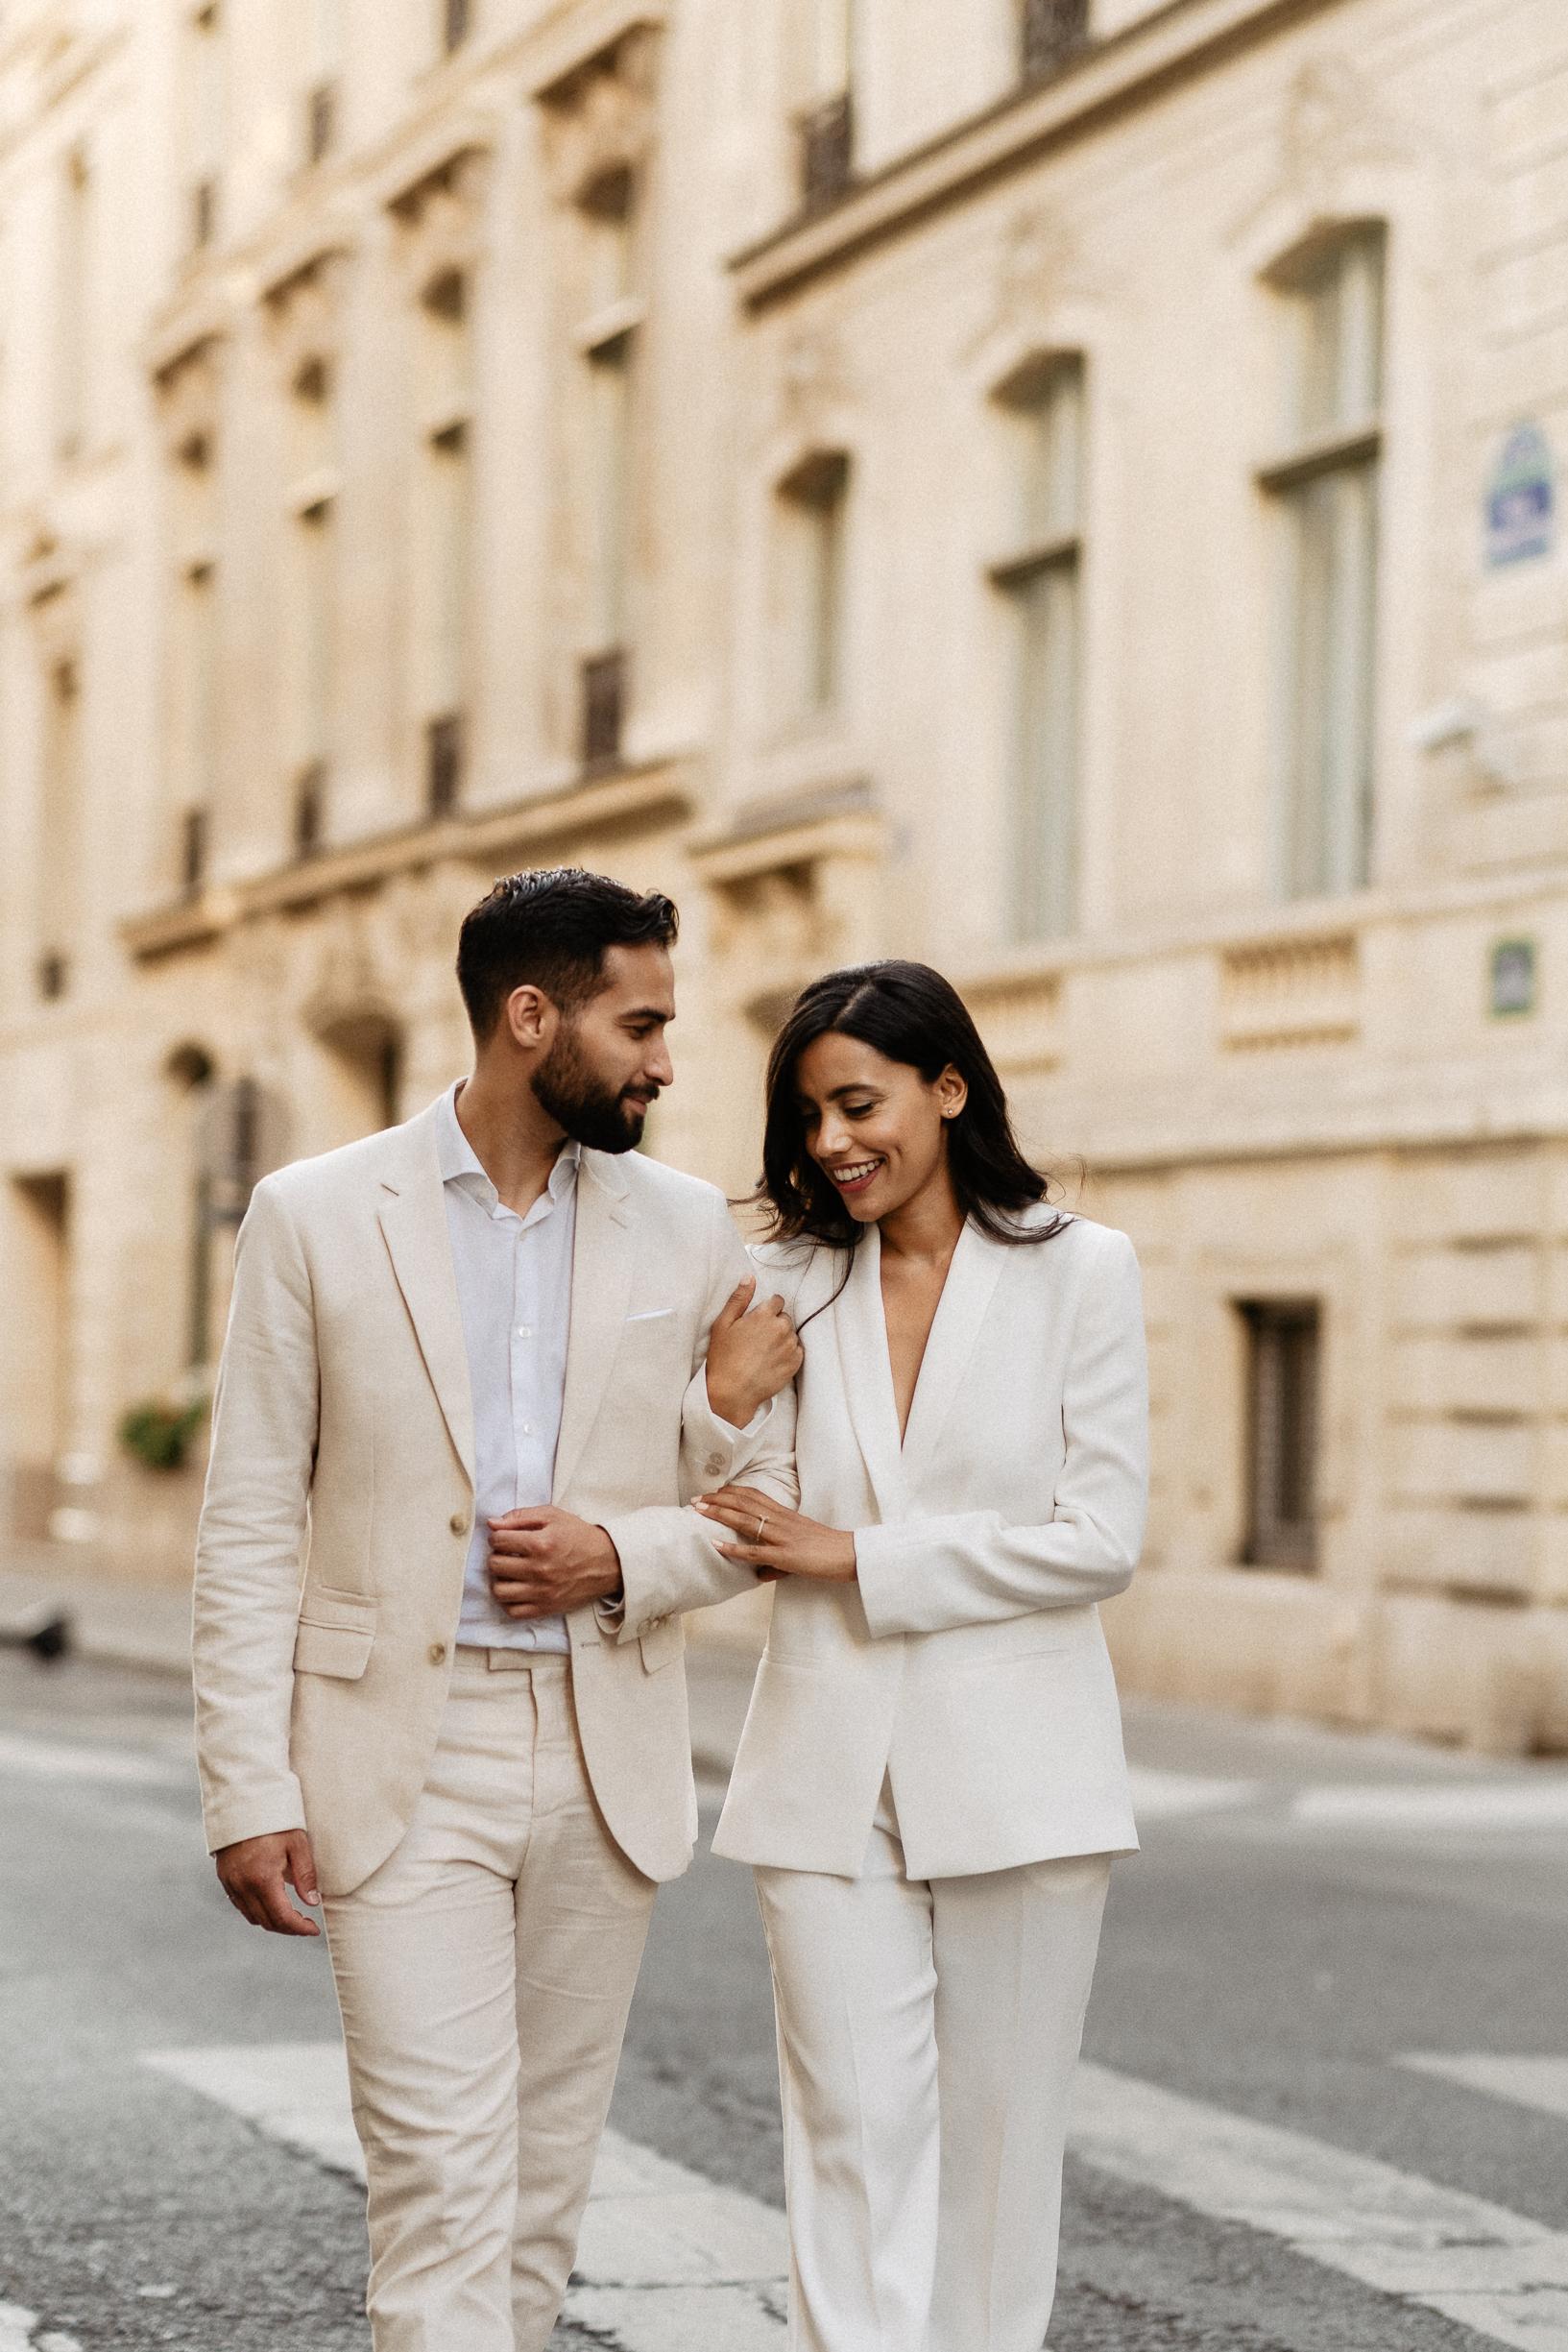 Couple wearing suits paris photographer